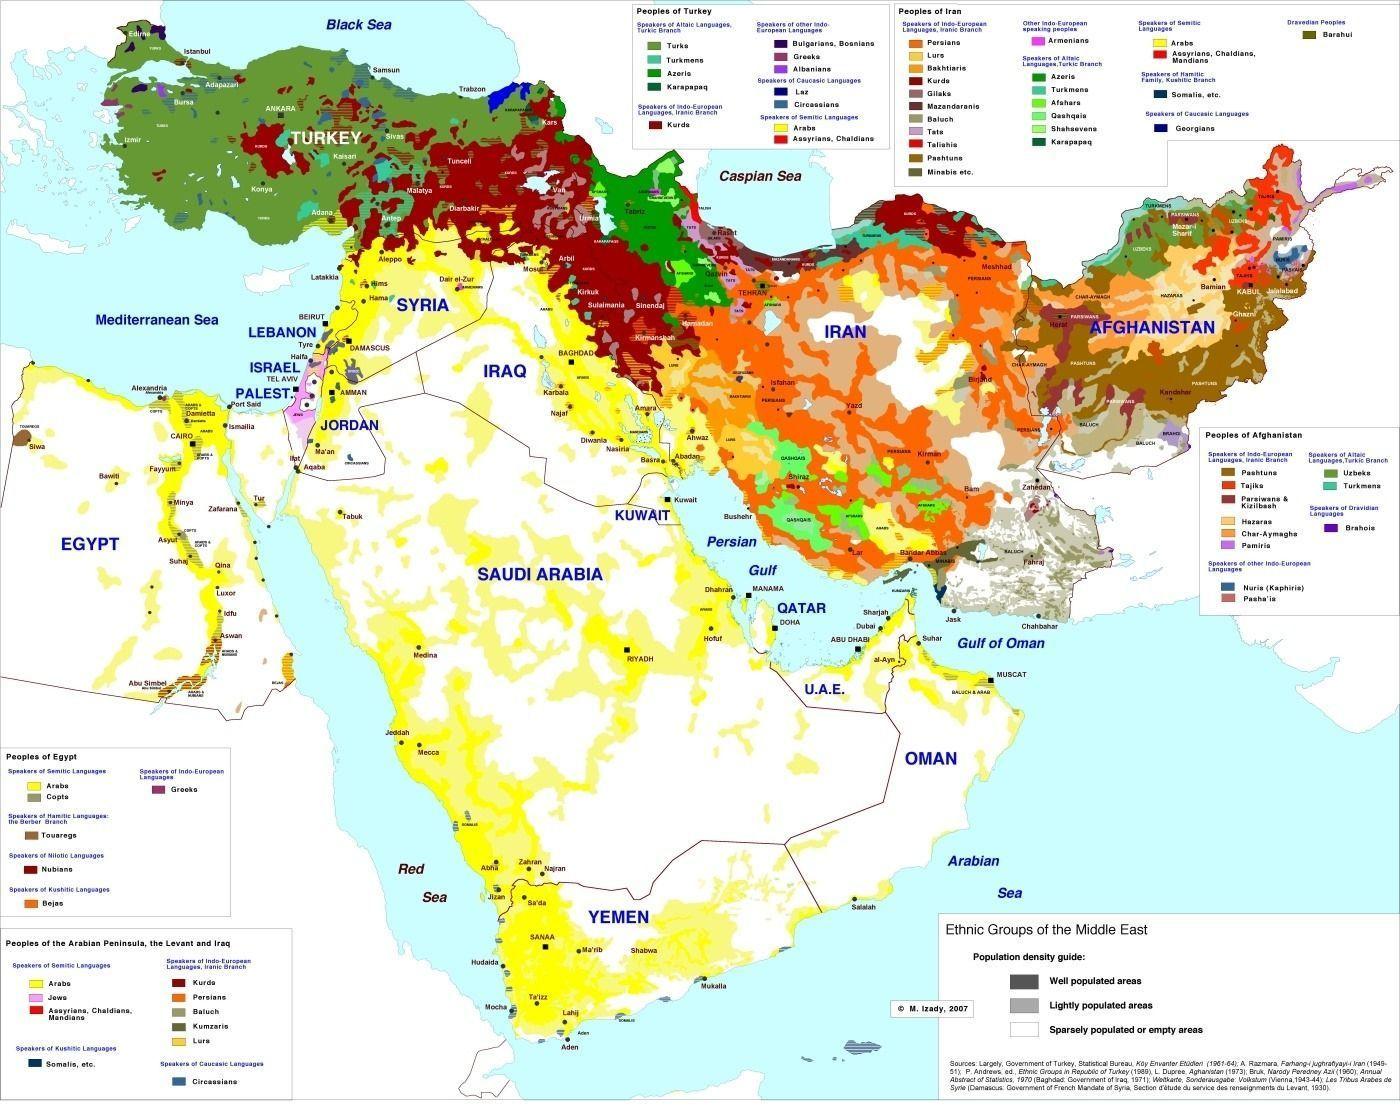 карта этносов Ближнего и Среднего Востока